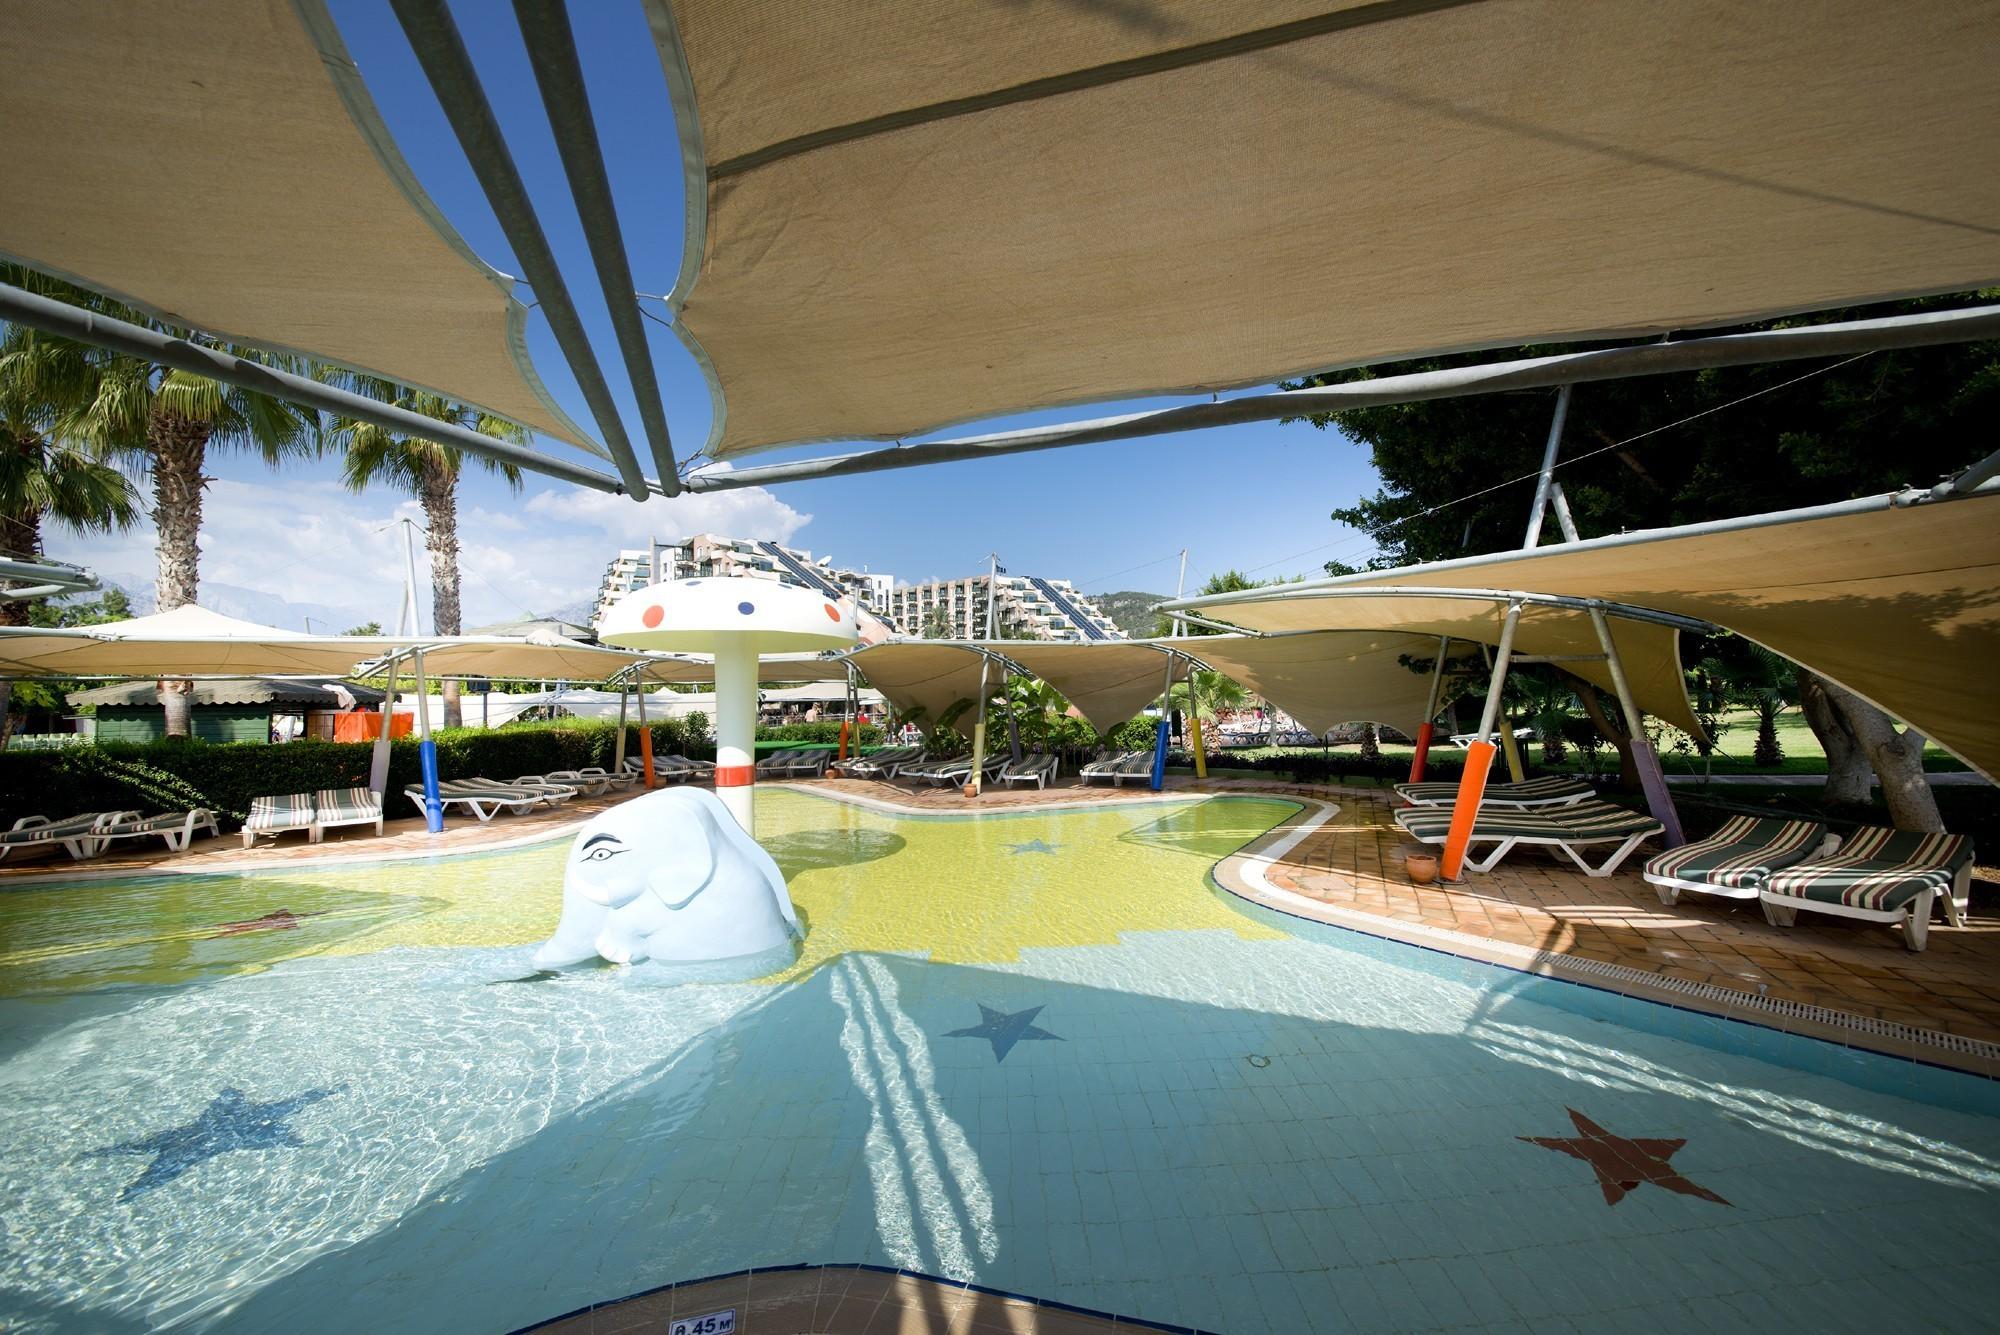 Limak Limra Hotel & Resort - басейн